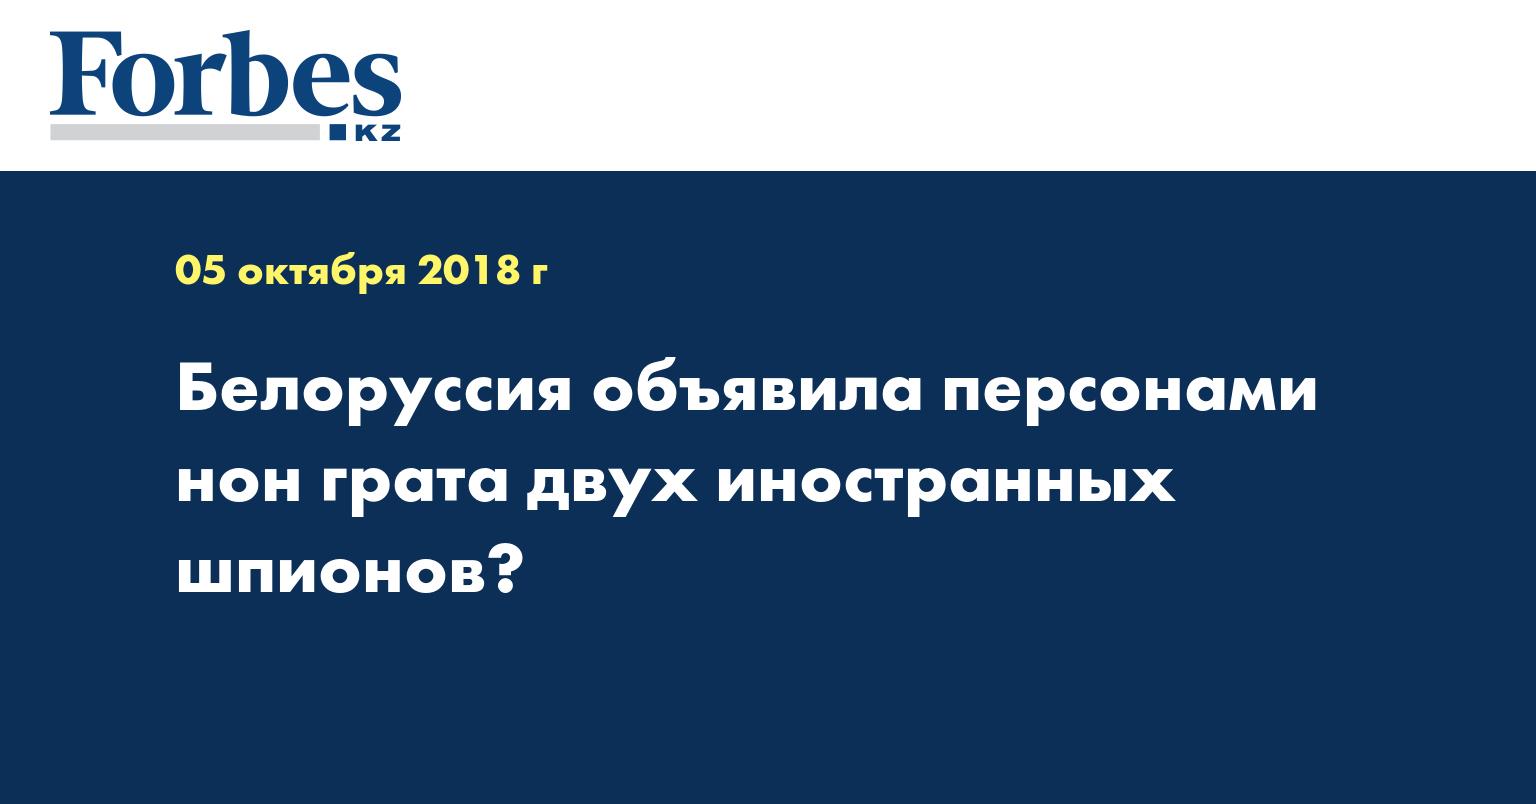 Белоруссия объявила персонами нон грата двух иностранных шпионов